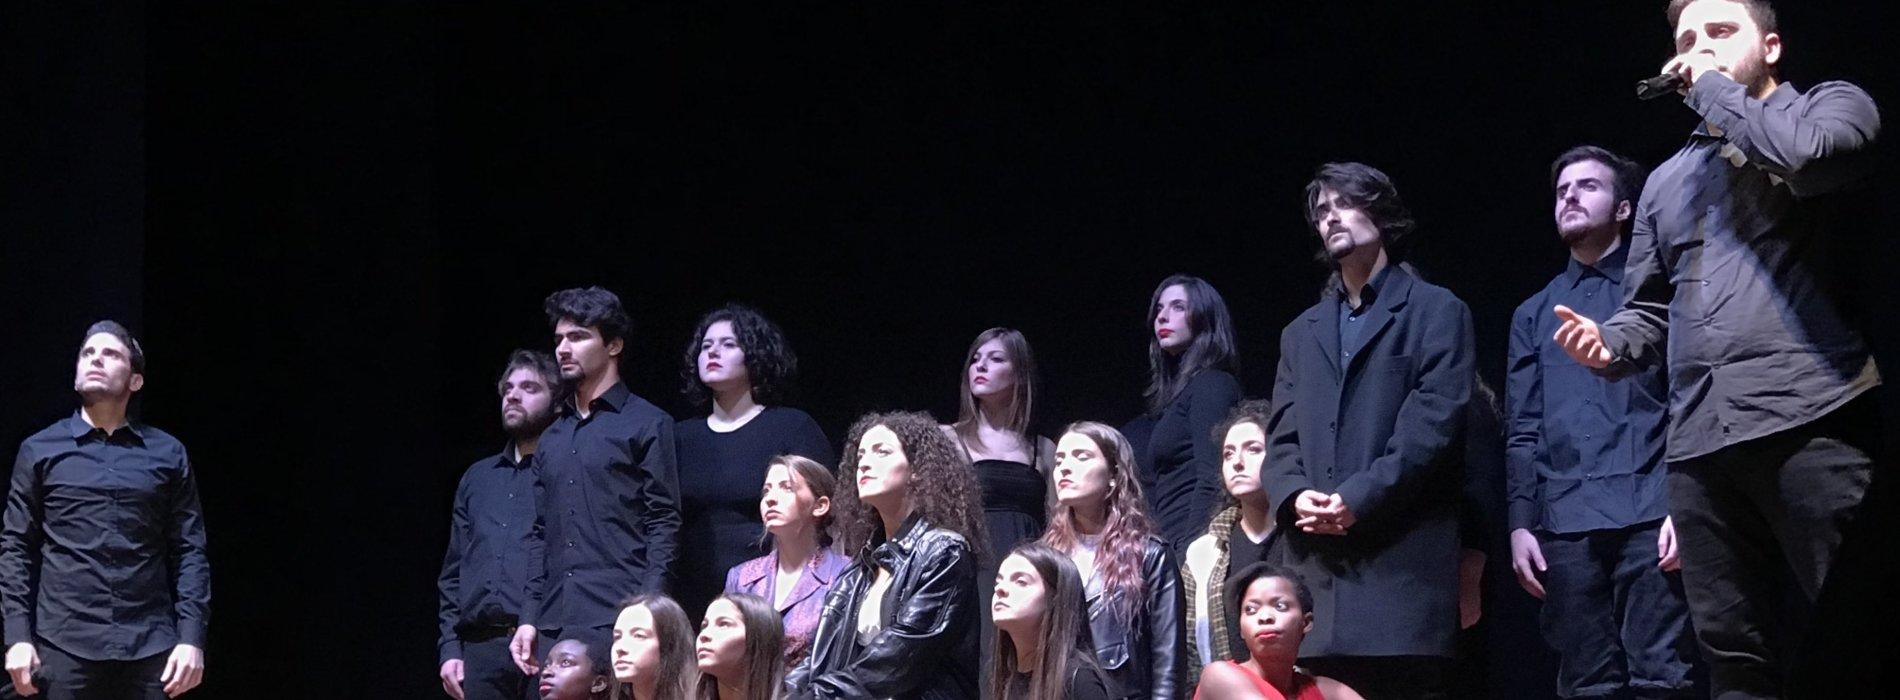 #onemore, al Comunale di Caserta no alla violenza sulle donne